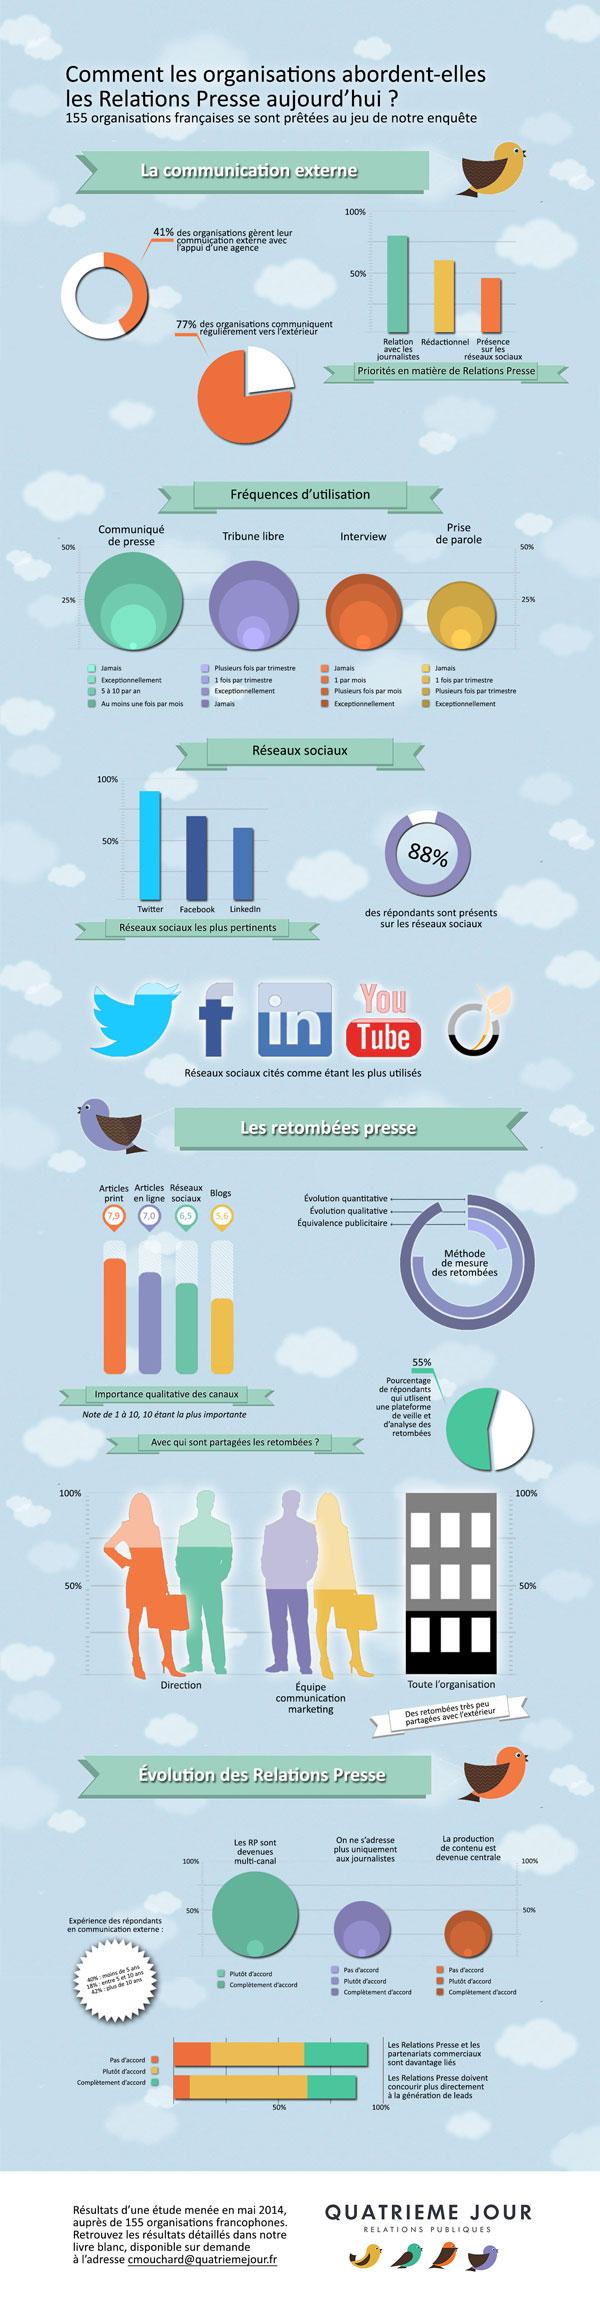 Infographie sur les relations presse en France